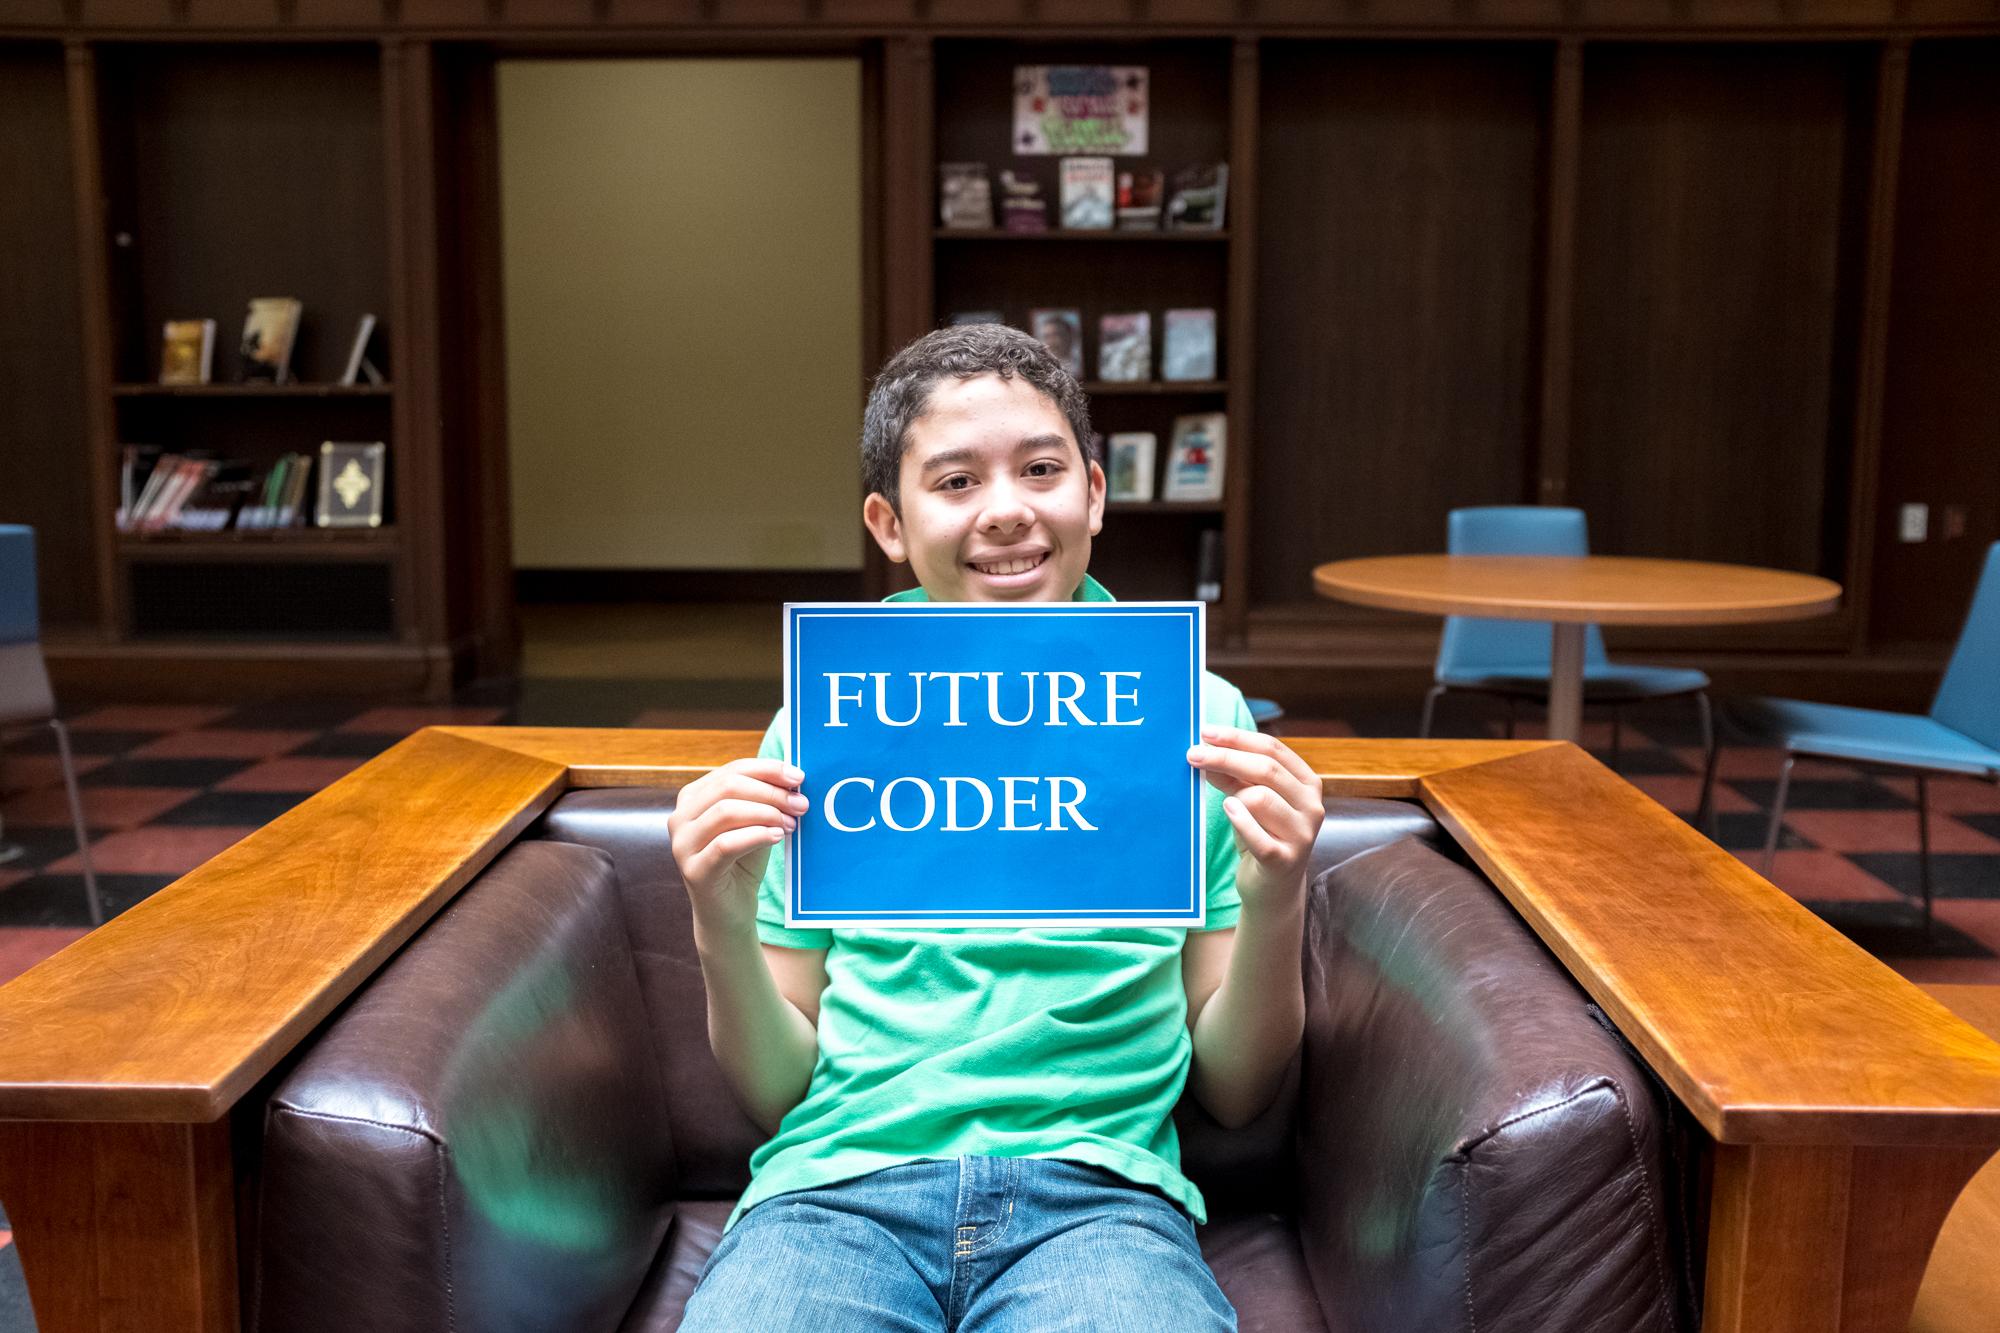 Summer Program - Video Gaming | Coding School Online Summer Program